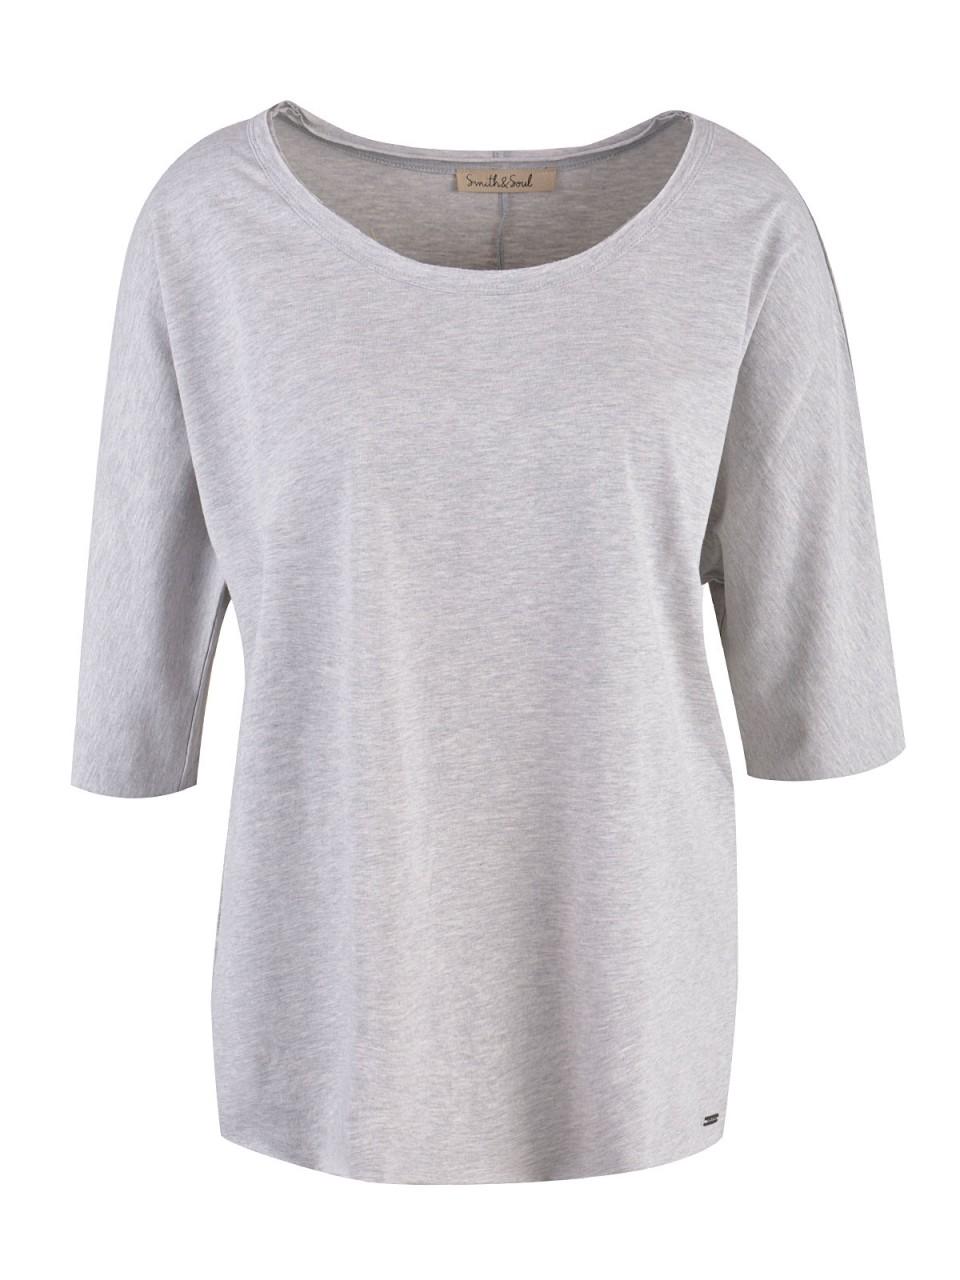 Oberteile - SMITH SOUL Damen Shirt, grau  - Onlineshop Designermode.com